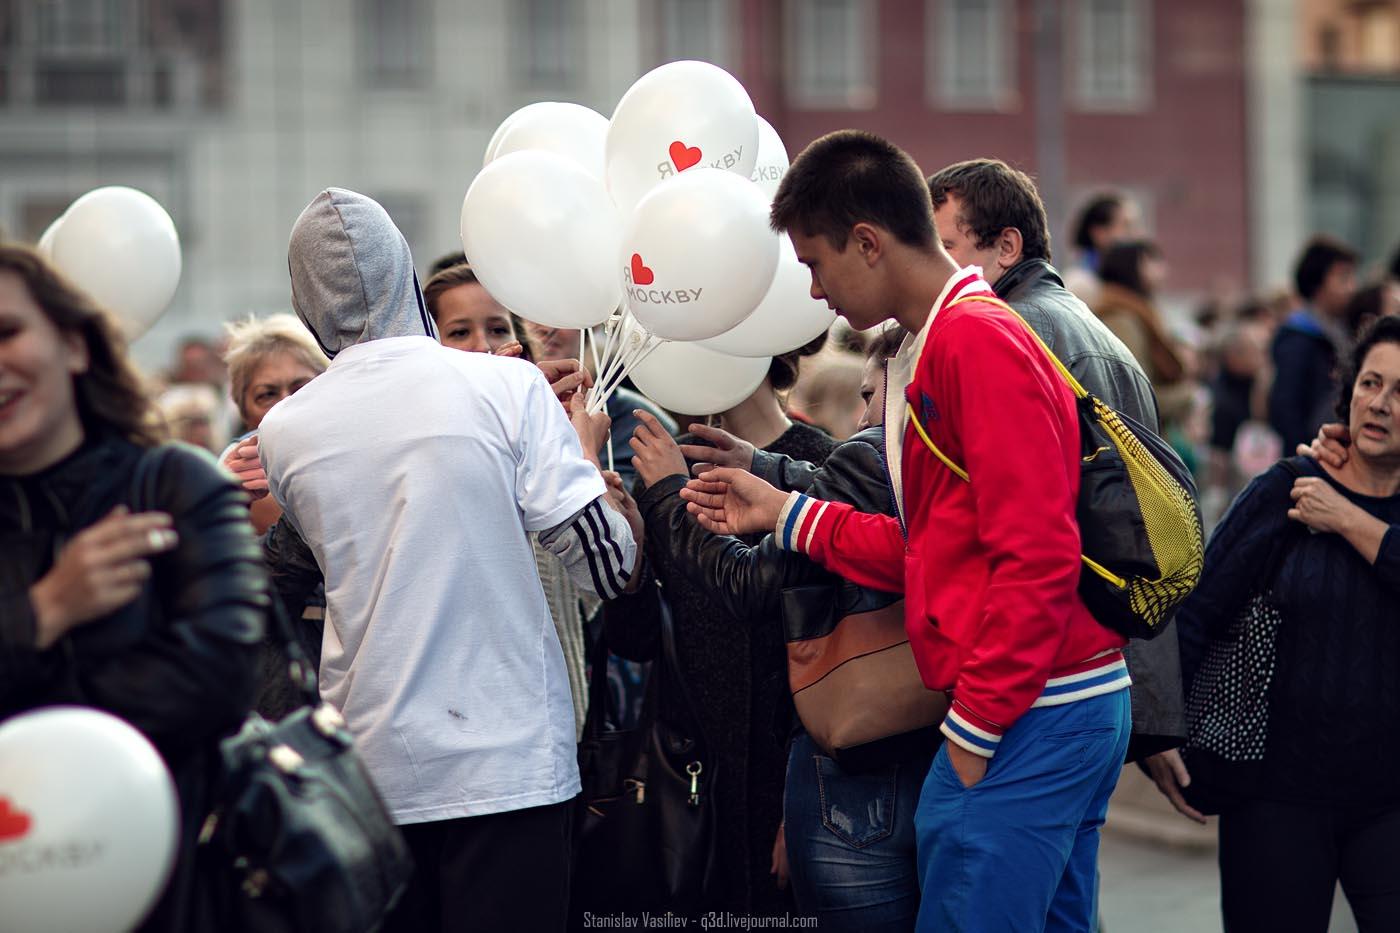 День города - Москва - 2013 - #047